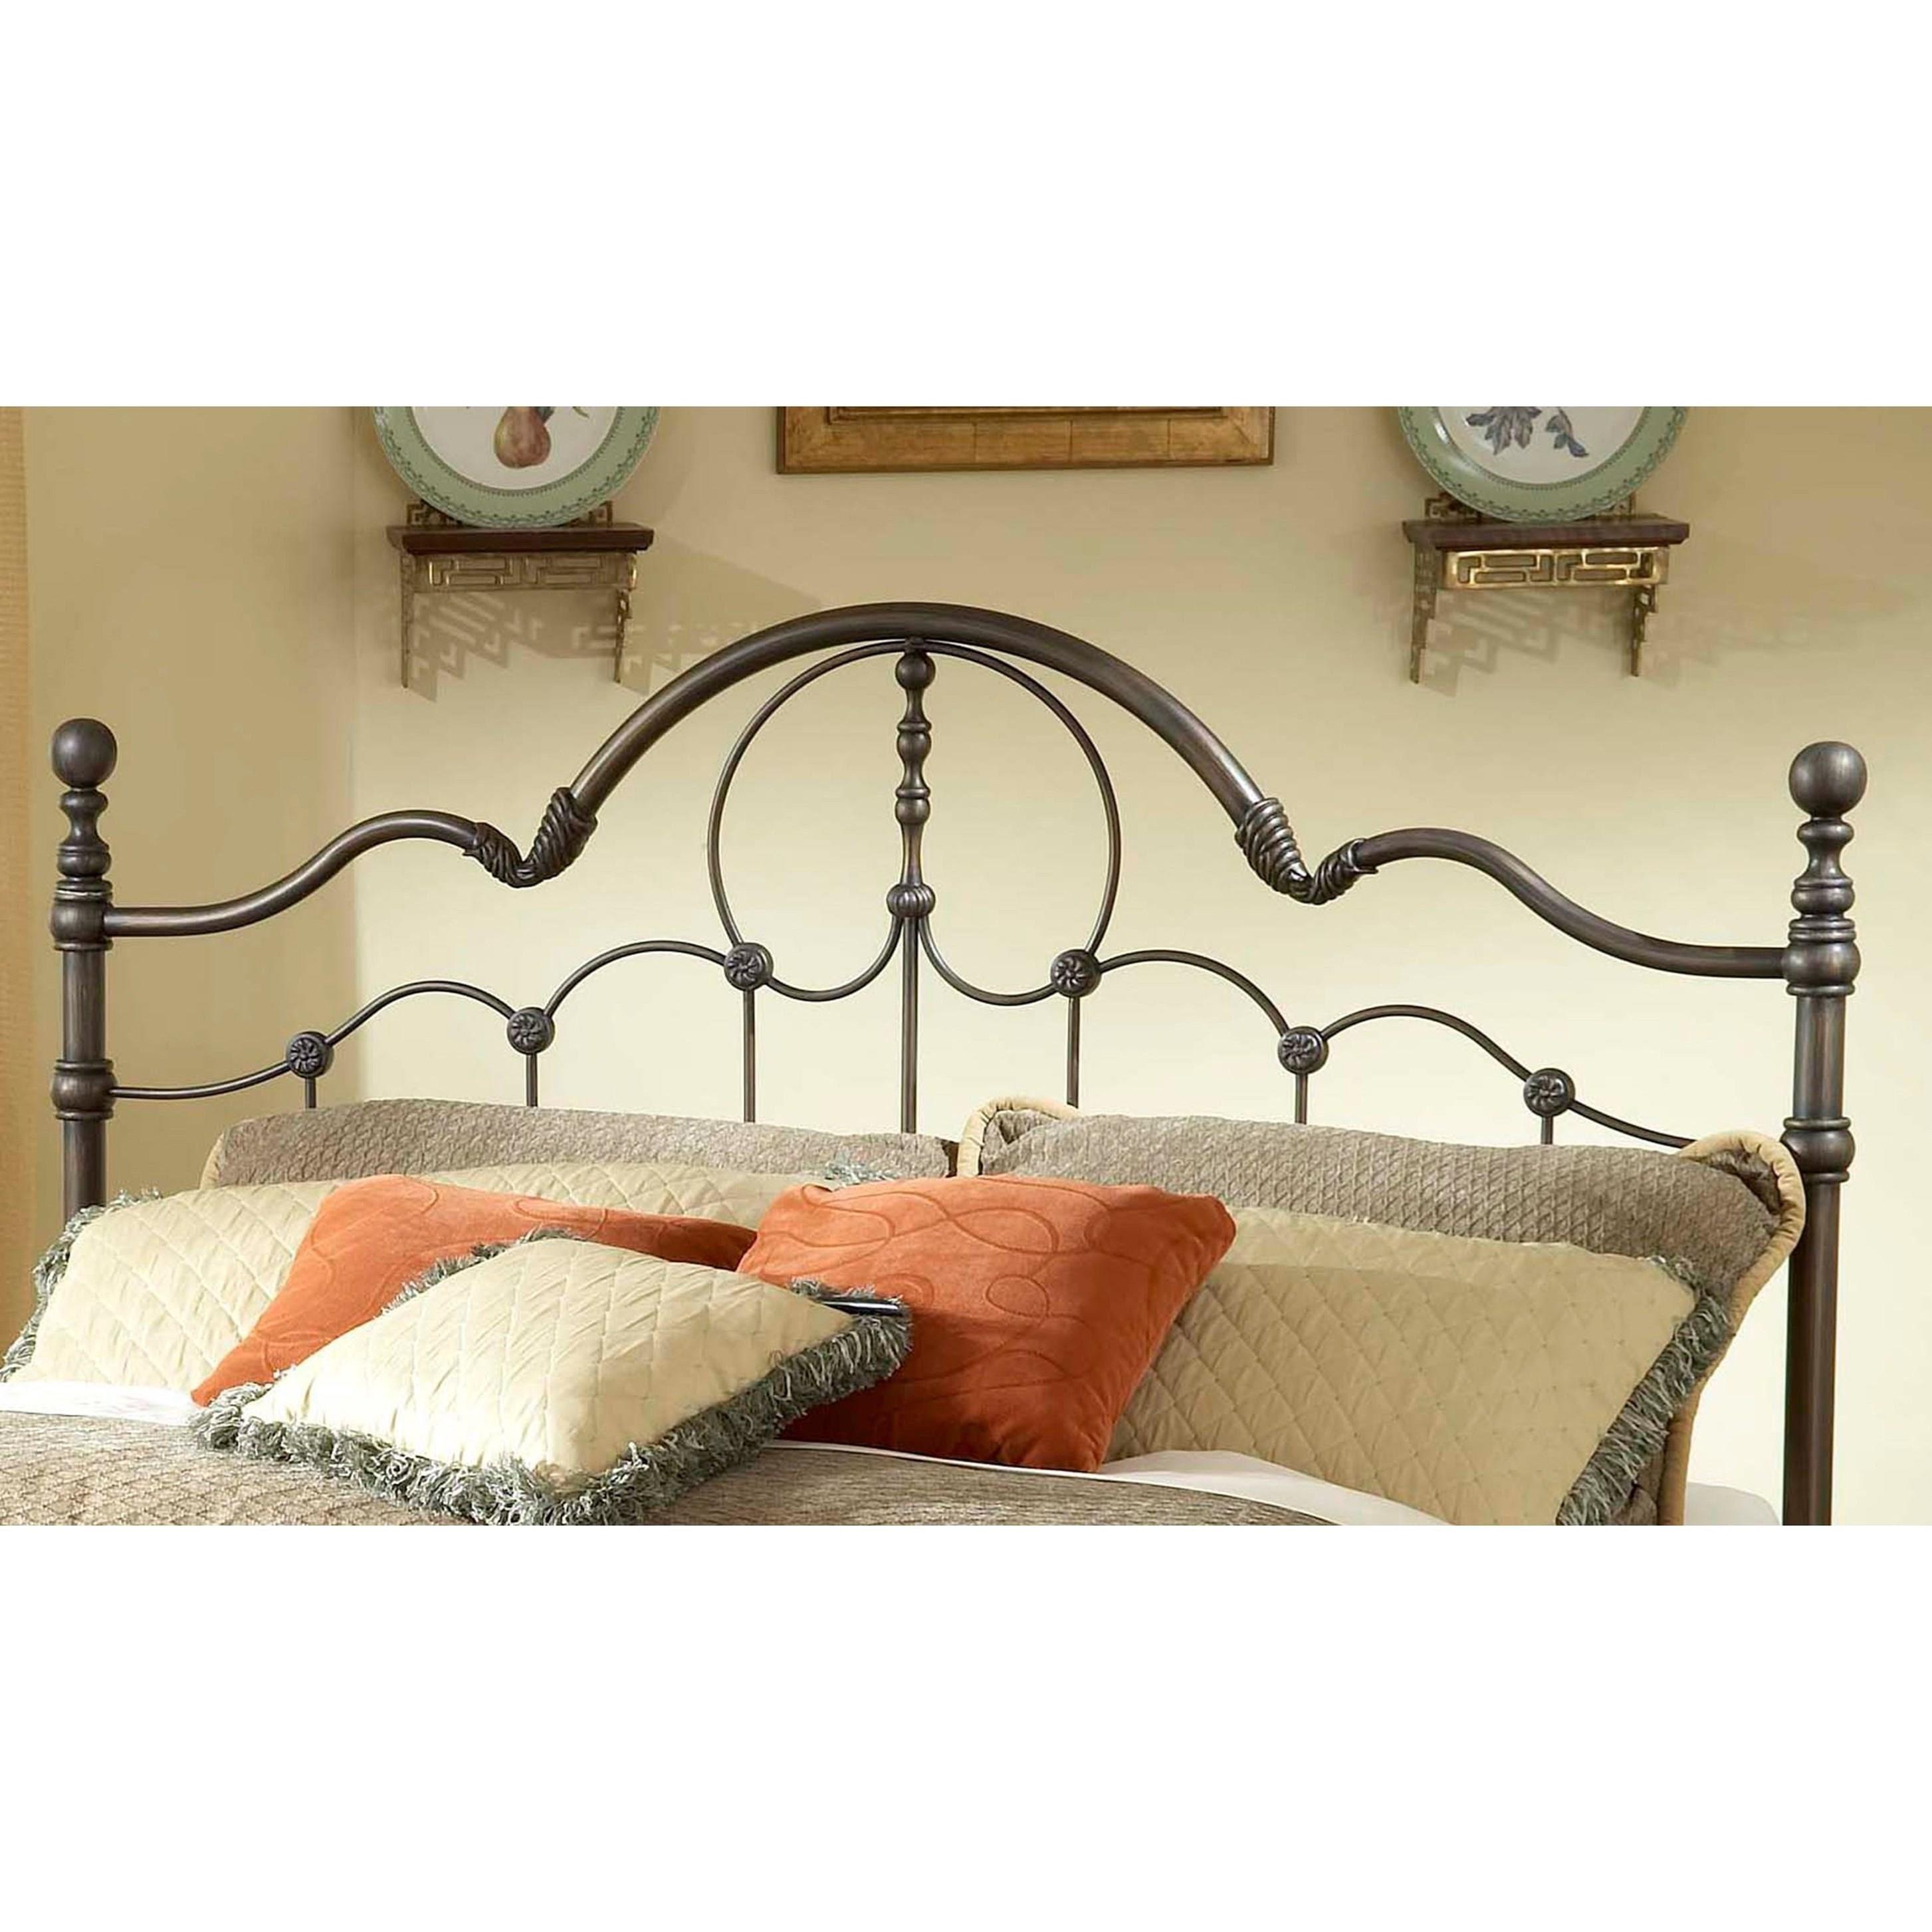 Hillsdale Metal Beds Full/Queen Venetian Headboard - Item Number: 1480-490